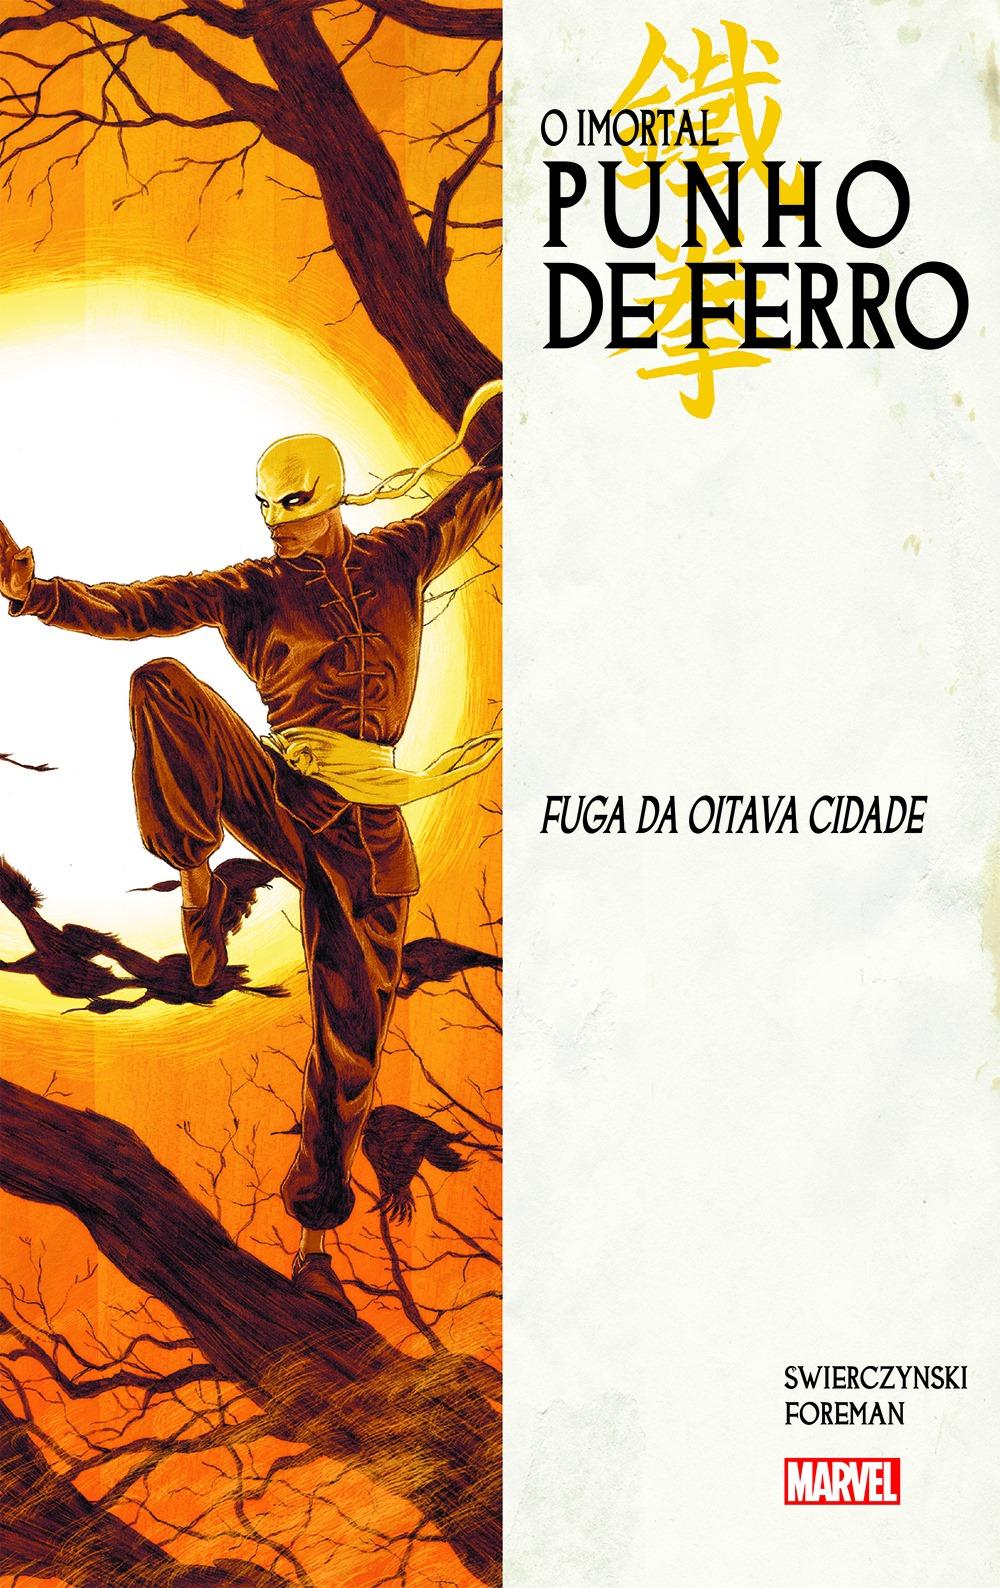 IMORTAL PUNHO DE FERRO vol. 4: FUGA DA OITAVA CIDADE